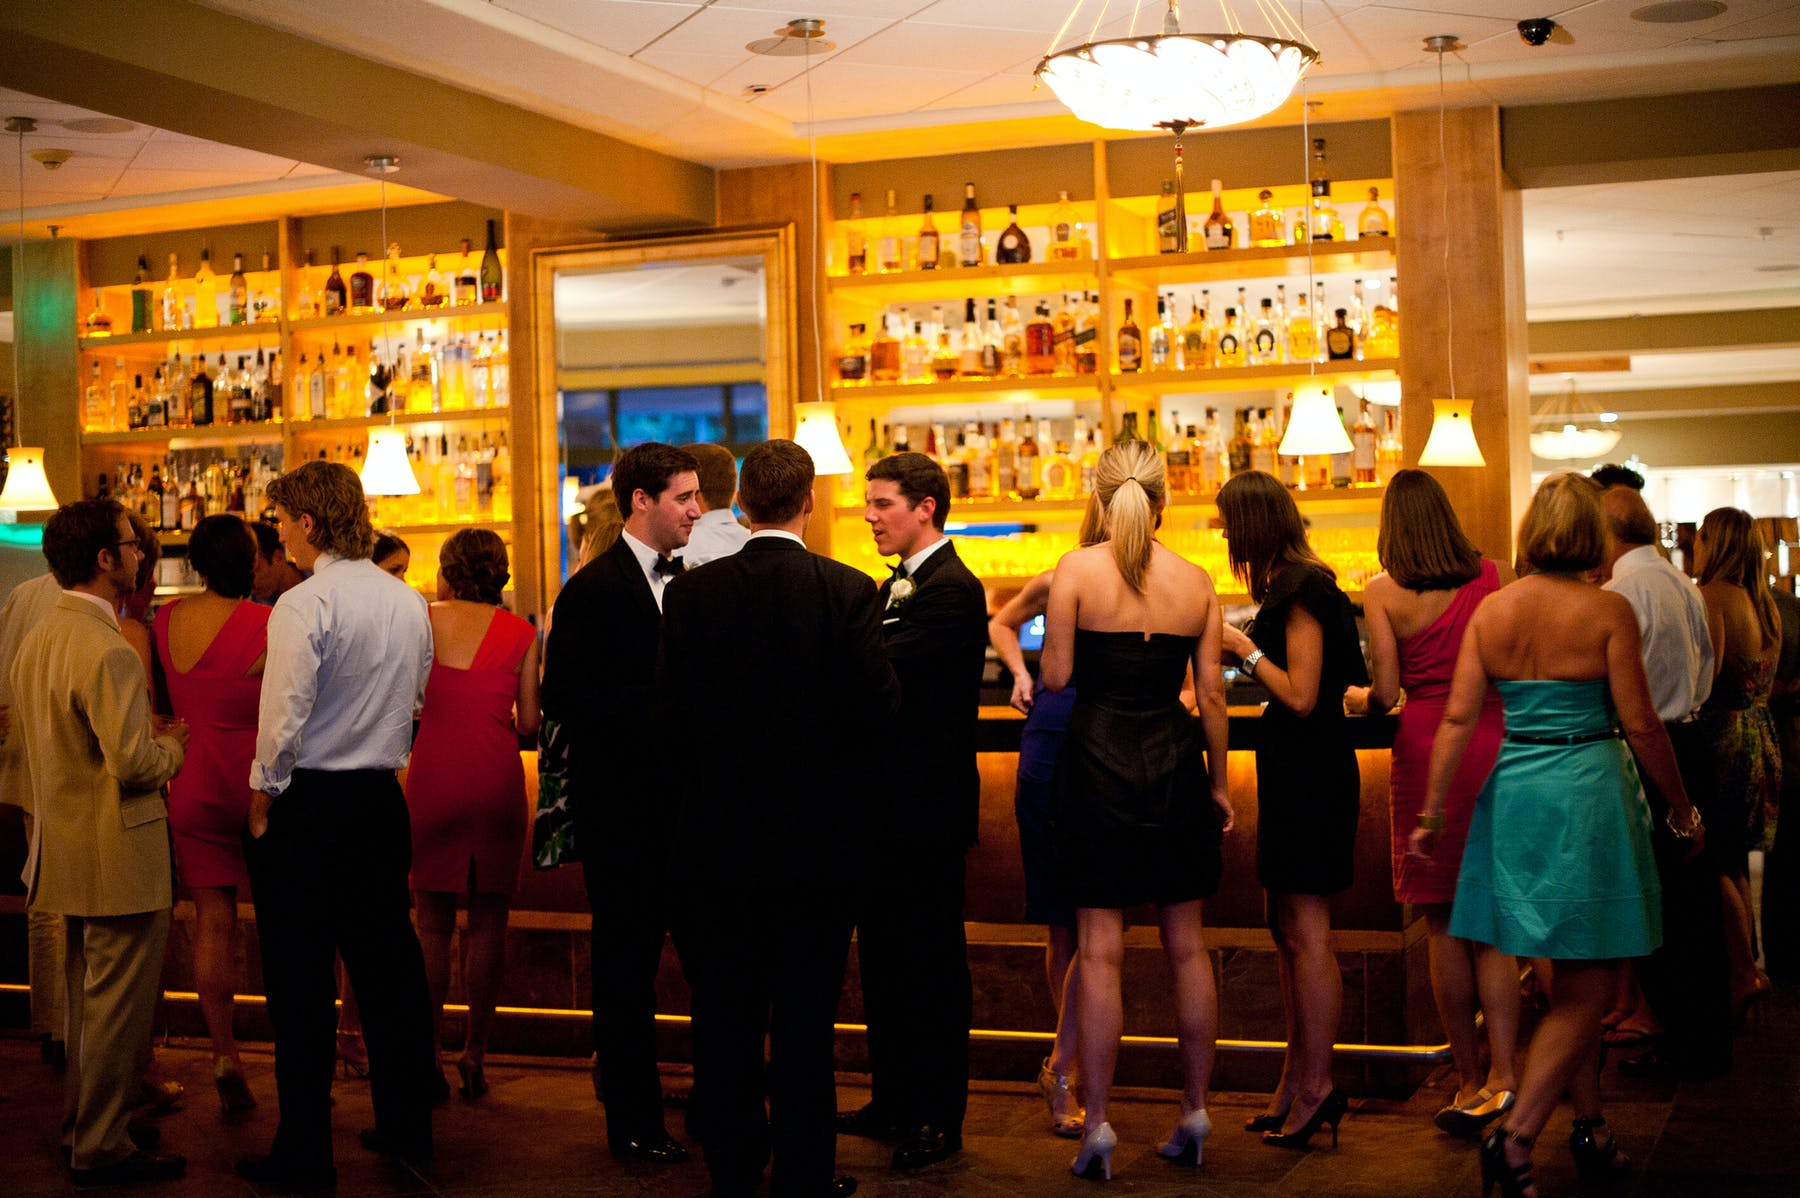 Larkspur Wedding Venue Vail Colorado Mountain Patio Cocktail Reception